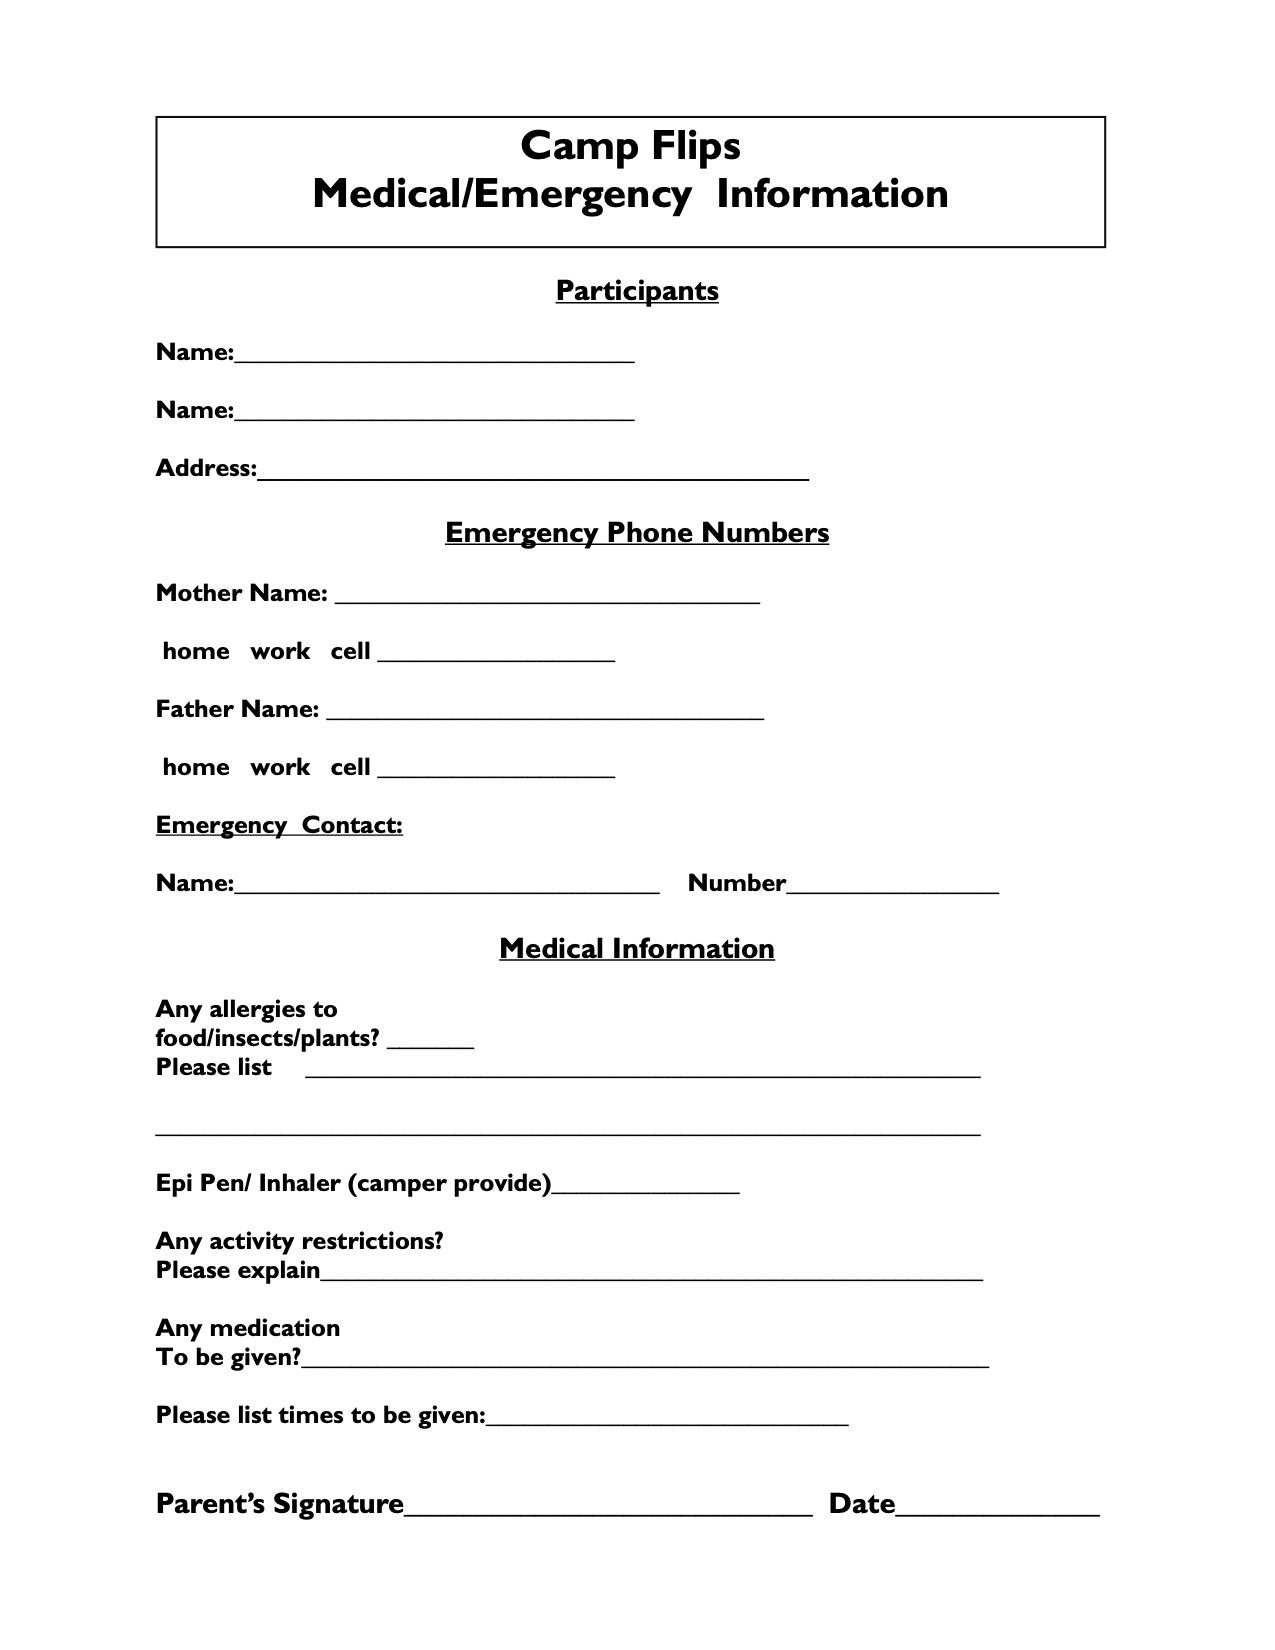 Flips Summer Camp Medical Information Form